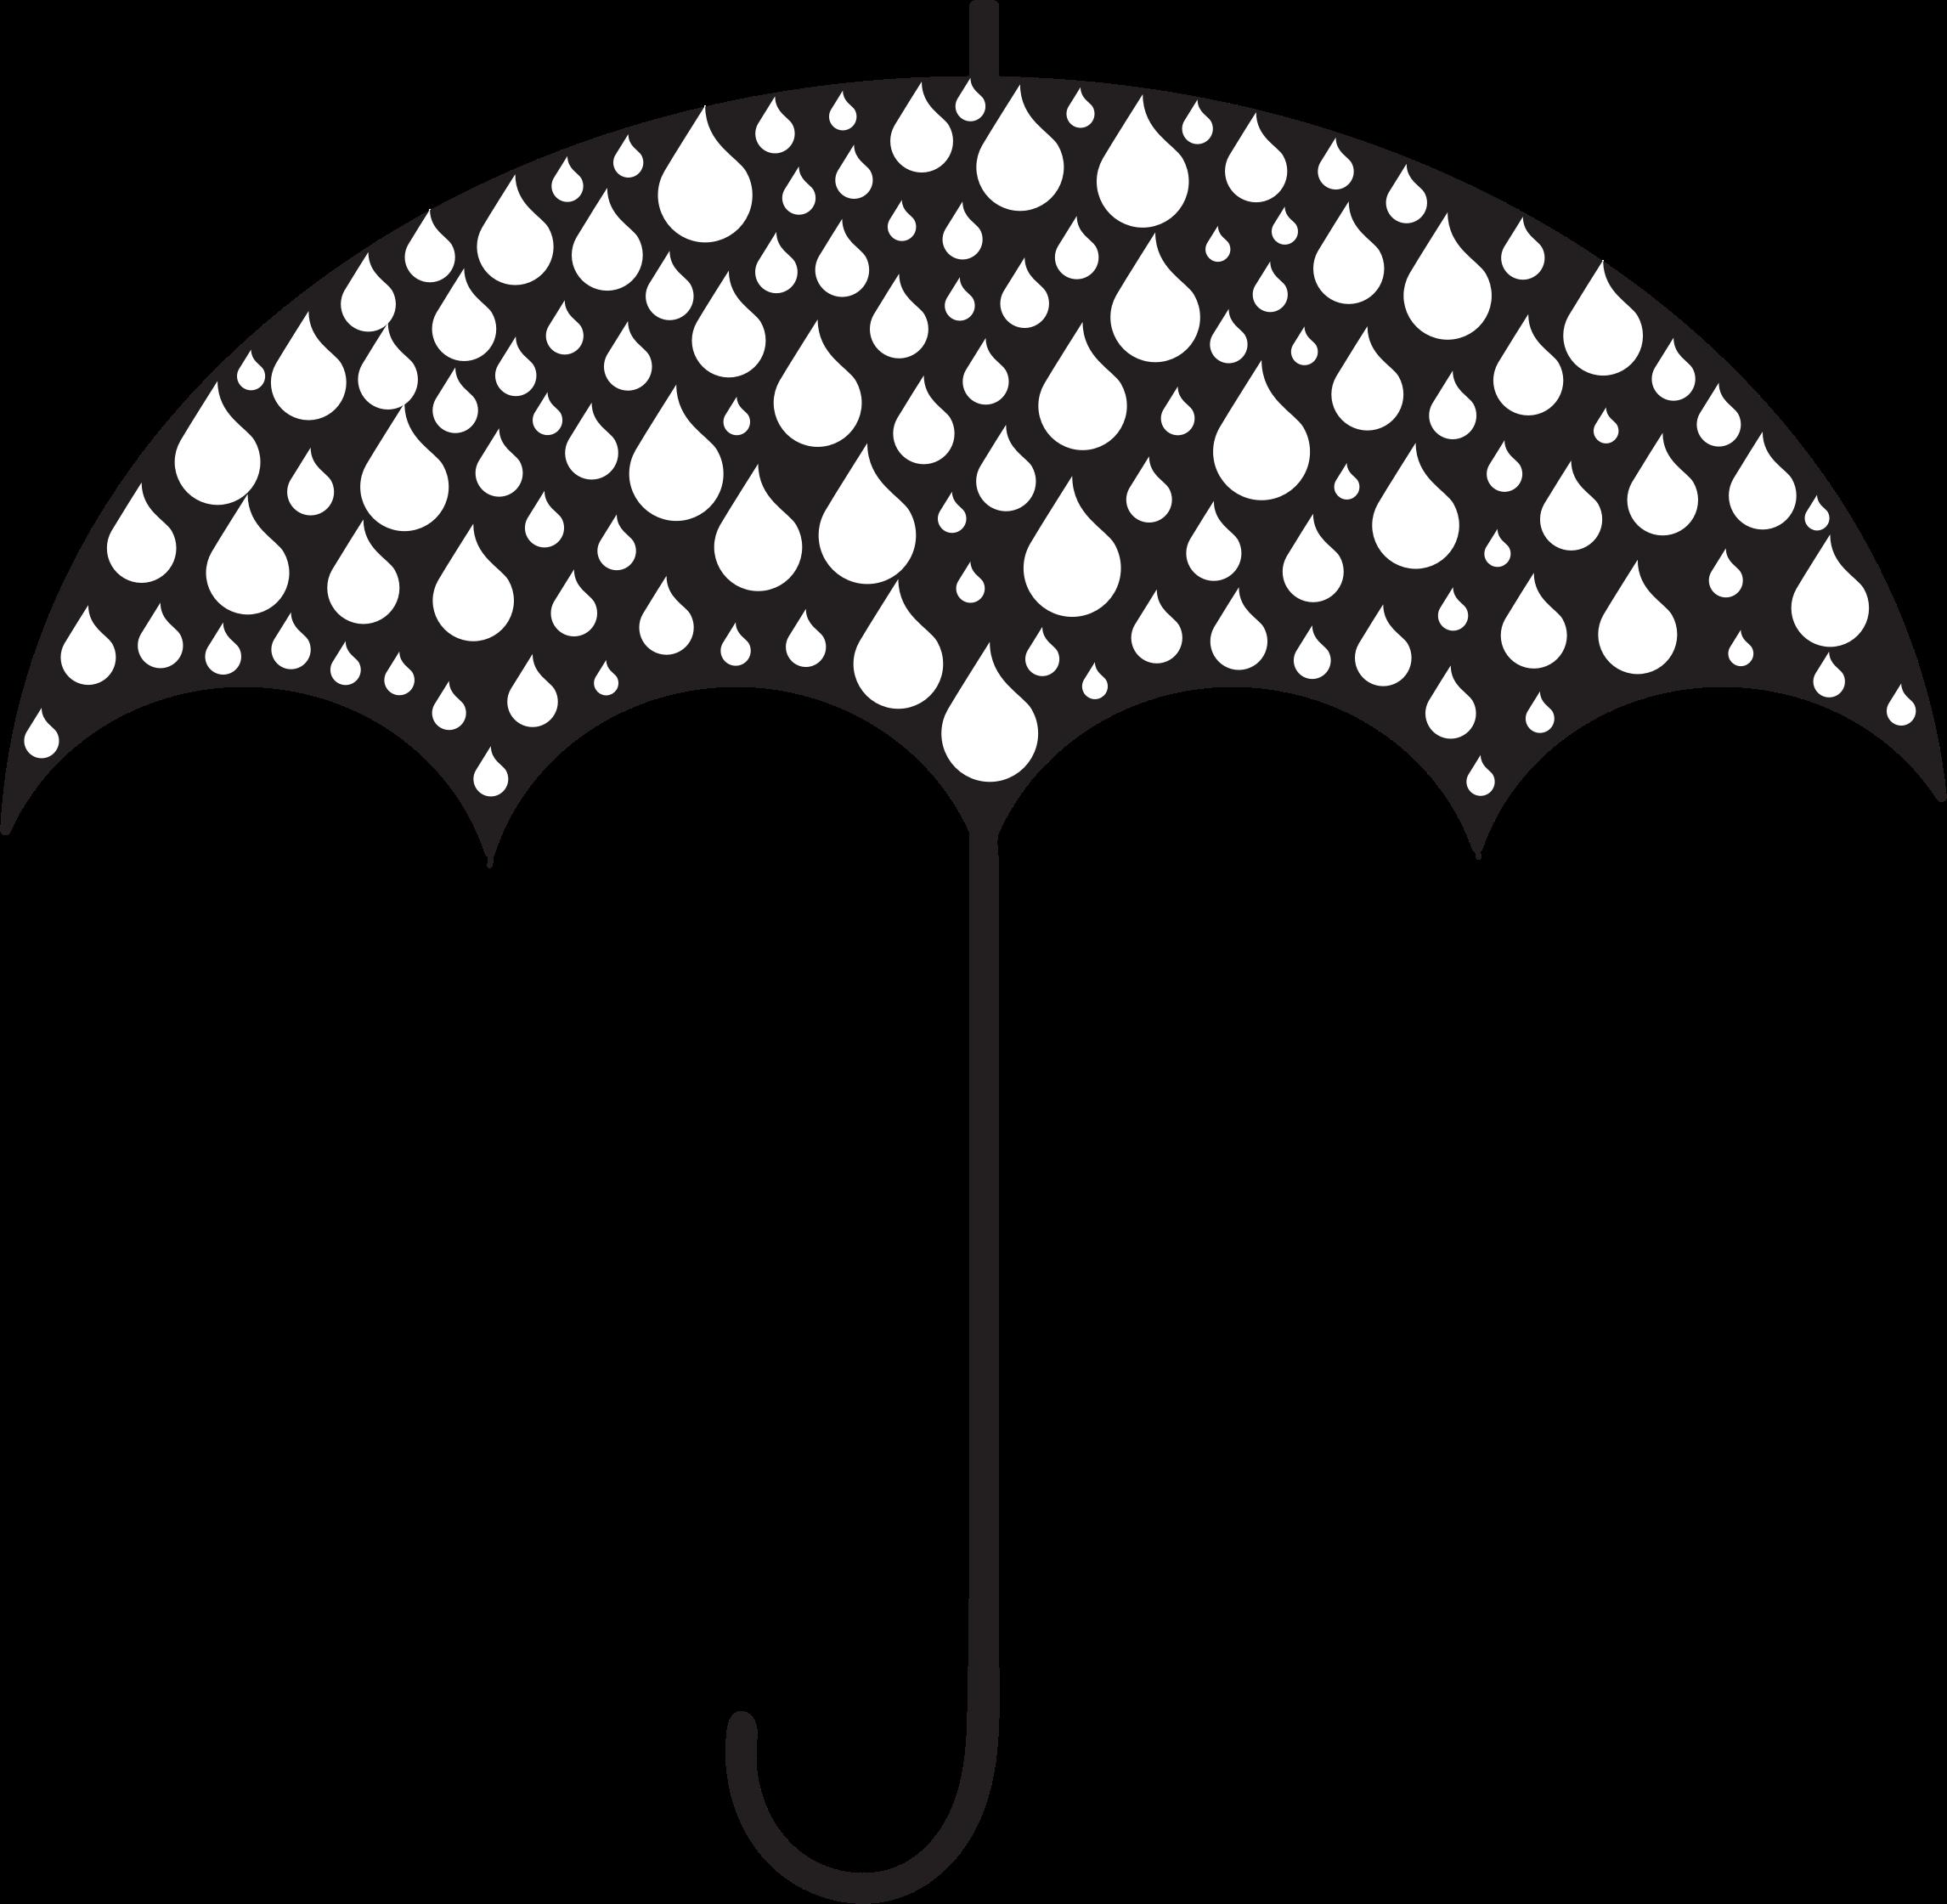 Rain drops umbrella silhouette. Raindrop clipart weather